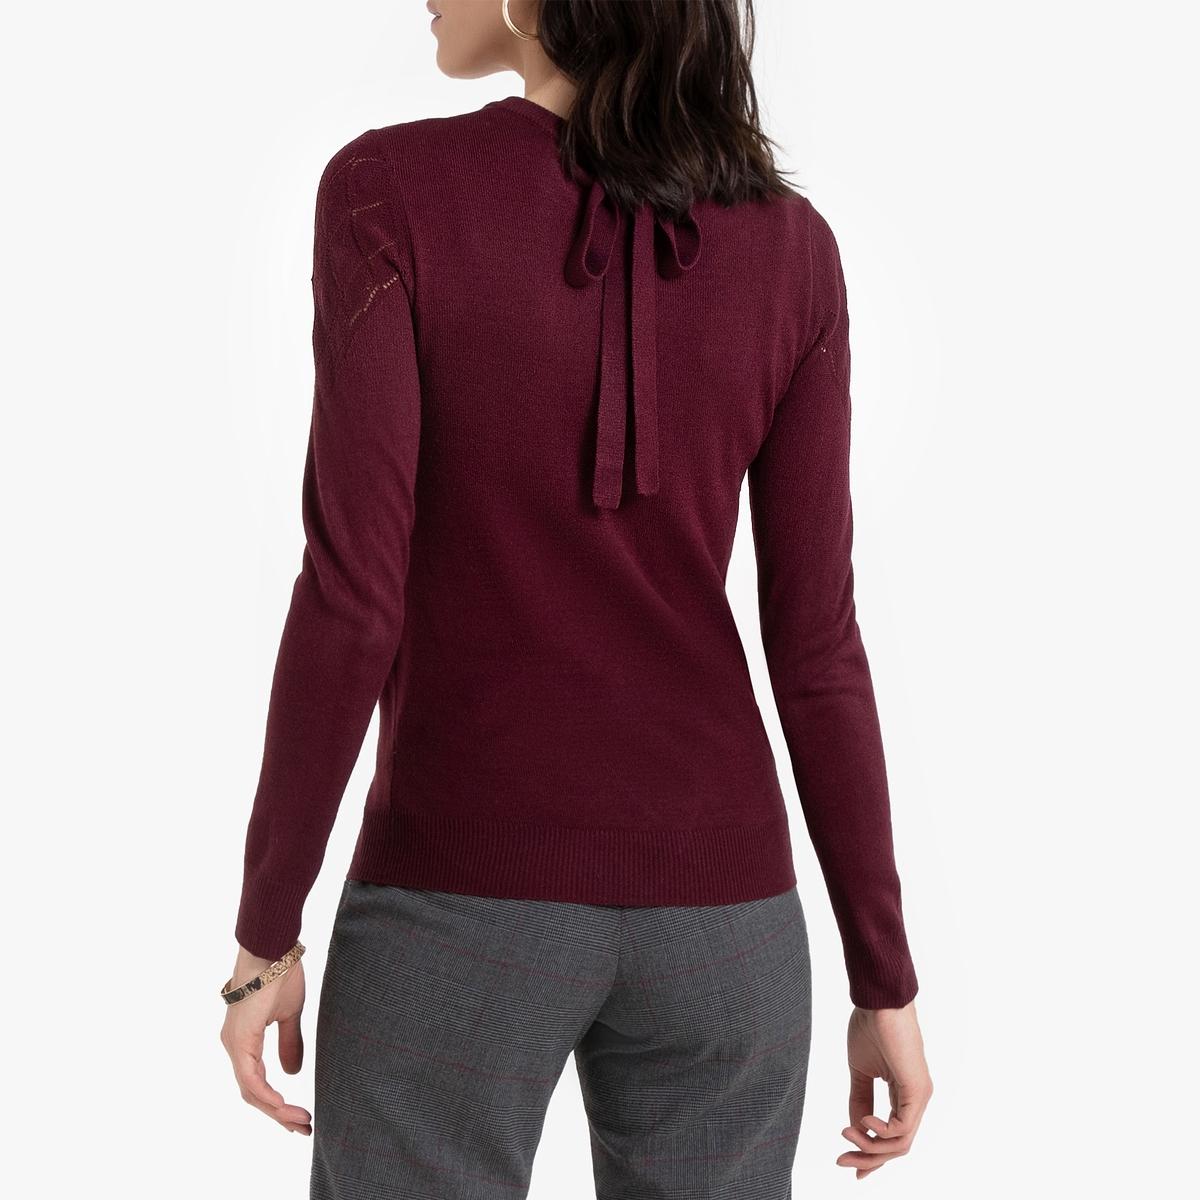 Пуловер La Redoute С круглым вырезом из тонкого ажурного трикотажа 50/52 (FR) - 56/58 (RUS) красный кардиган из ажурного трикотажа с застежкой на пуговицы